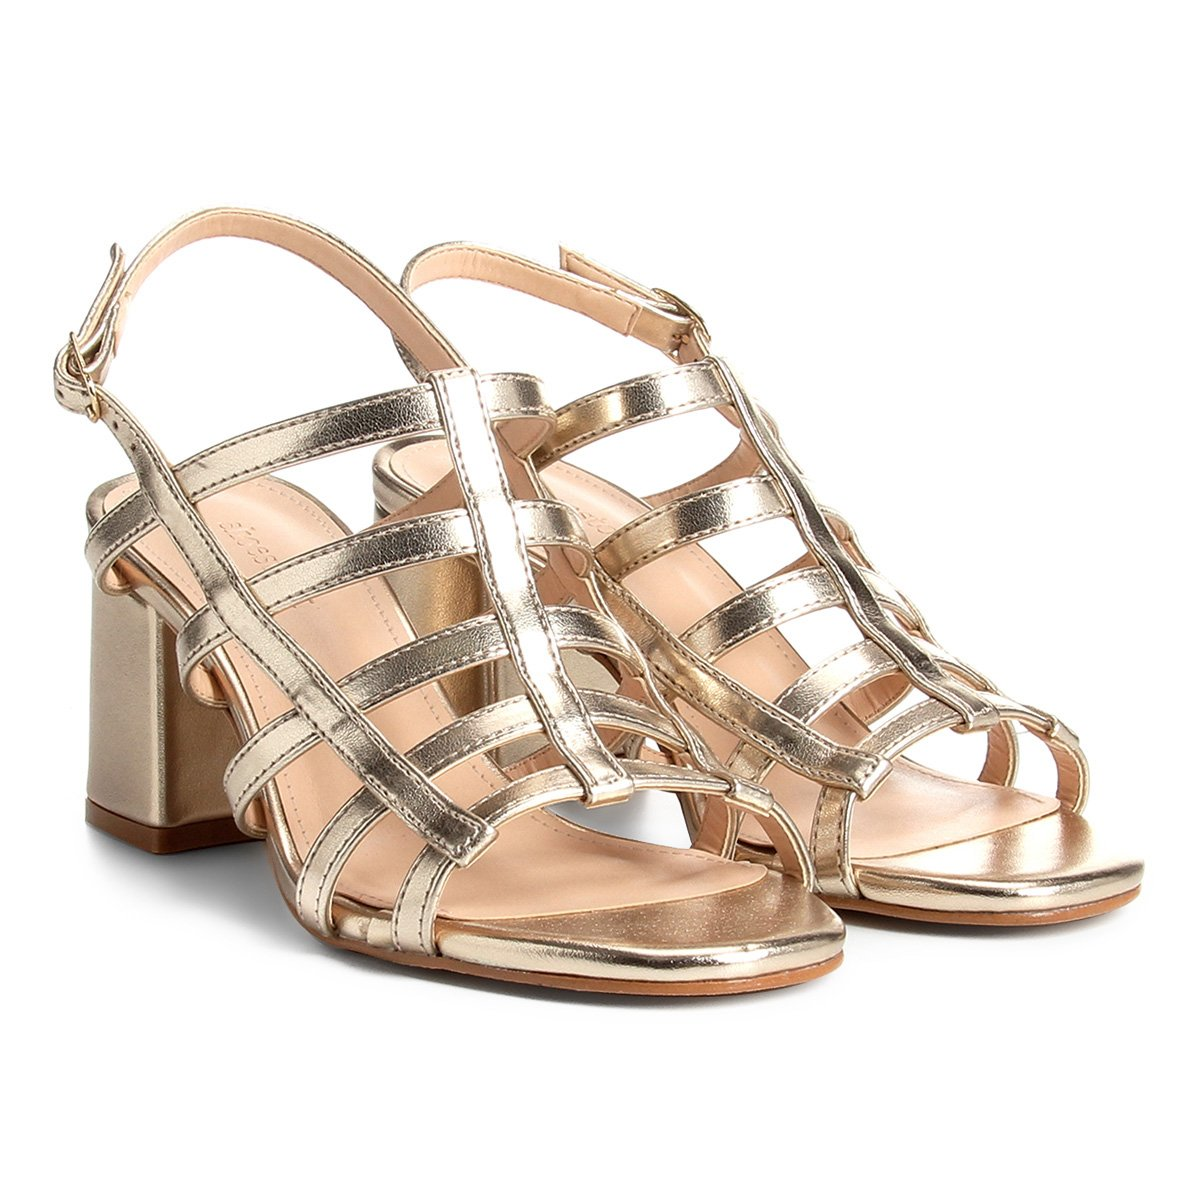 00facd406 Sandália Shoestock Salto Grosso Tiras Feminina - Dourado | Shoestock